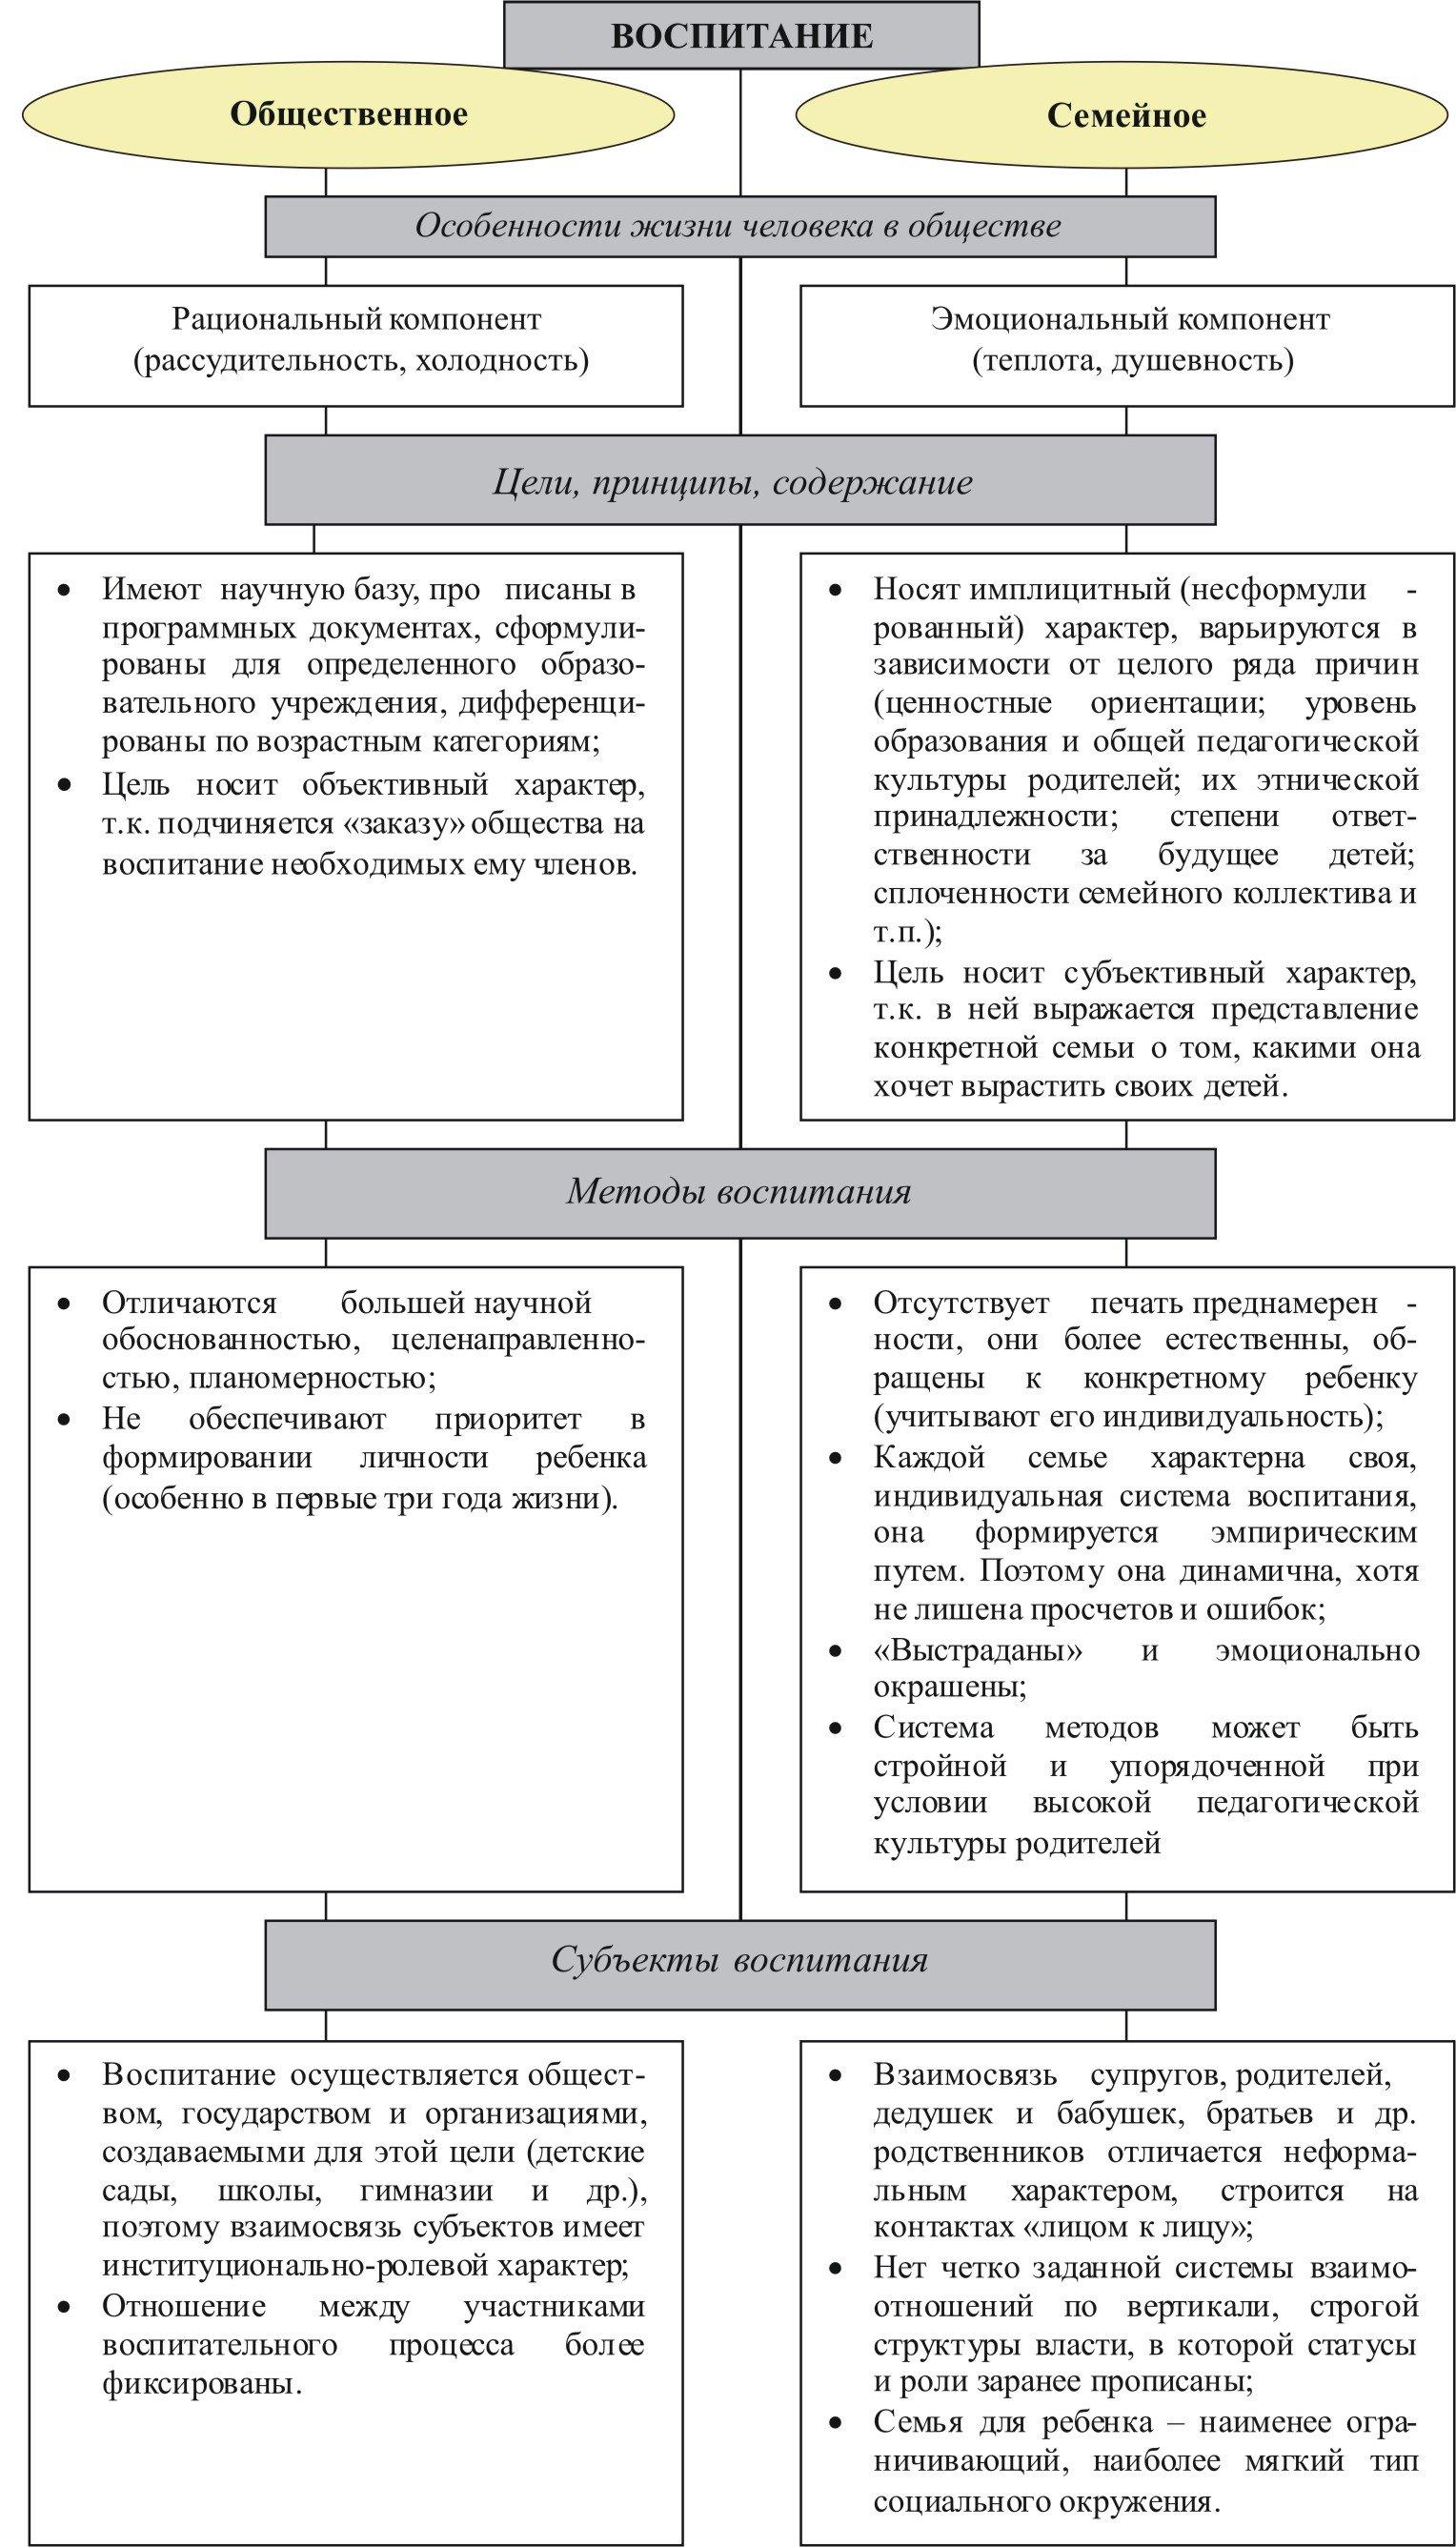 otnosheniya-mezhdu-chlenami-semi-bolkonskih